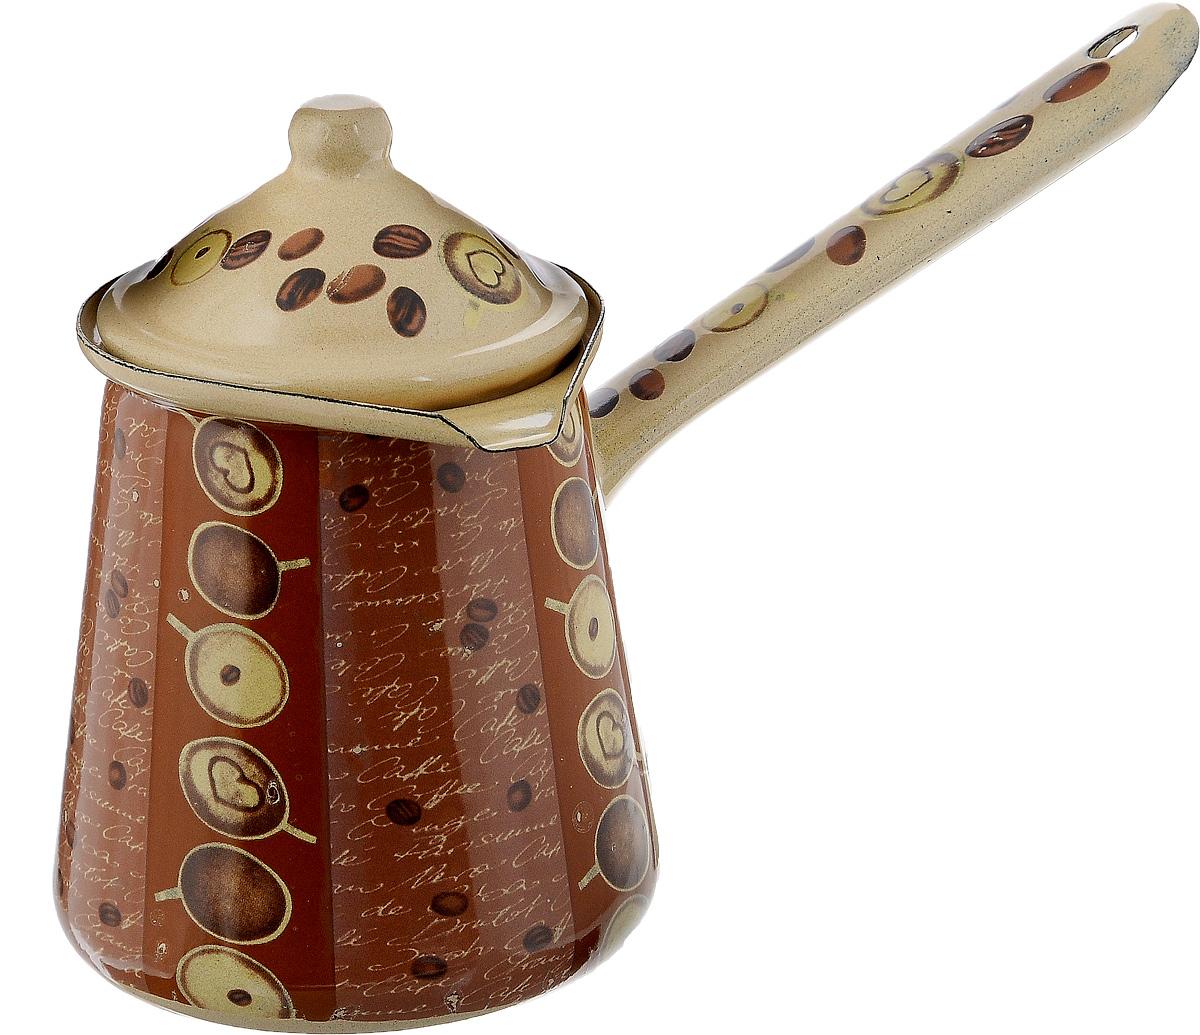 Турка Calve, с крышкой, цвет: бежевый, коричневый, 700 млCL-7001_бежевыйТурка Calve, изготовленная из высококачественной стали, предназначена для приготовления кофе. Внешние стенки турки оформлены изящным рисунком с изображением кофейных зерен. Изделие имеет широкое горлышко, специальный носик и крышку. Рукоятка снабжена специальным отверстием, благодаря которому изделие можно подвесить на крючок. Кофе в турке варится очень просто. Насыпьте молотый кофе, залейте водой и варите на слабом огне, не доводя до кипения. Чем дольше кофе варить, тем крепче он становится. Подходит для всех видов плит, включая индукционные. Диаметр турки (по верхнему краю): 9,5 см. Длина ручки: 14,5 см.Высота стенки: 12,5 см.